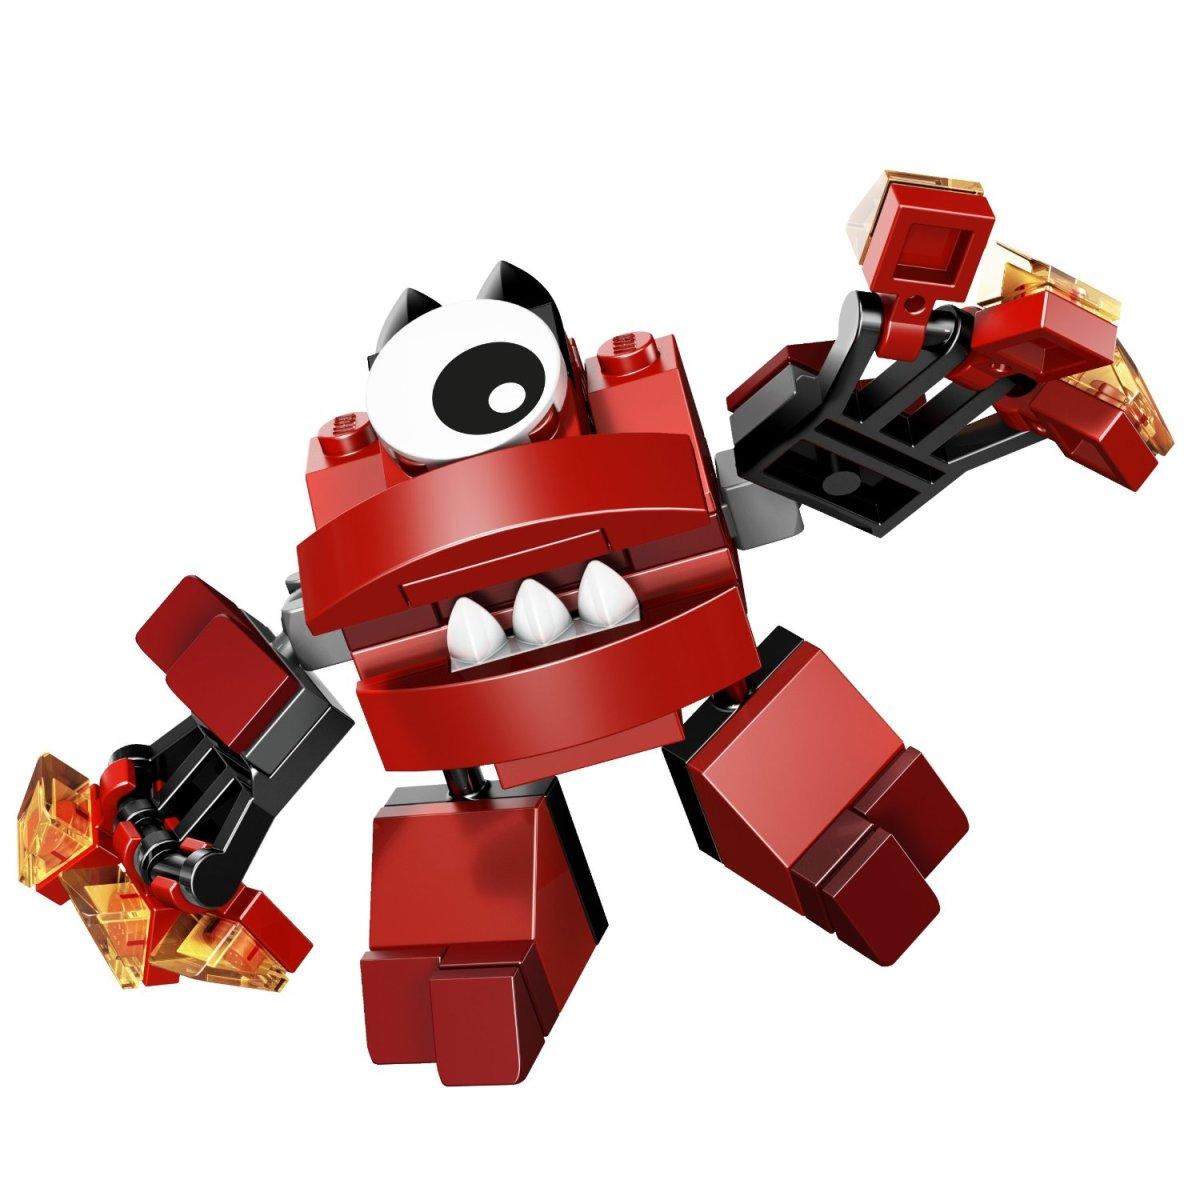 The Lego Mixels Vork